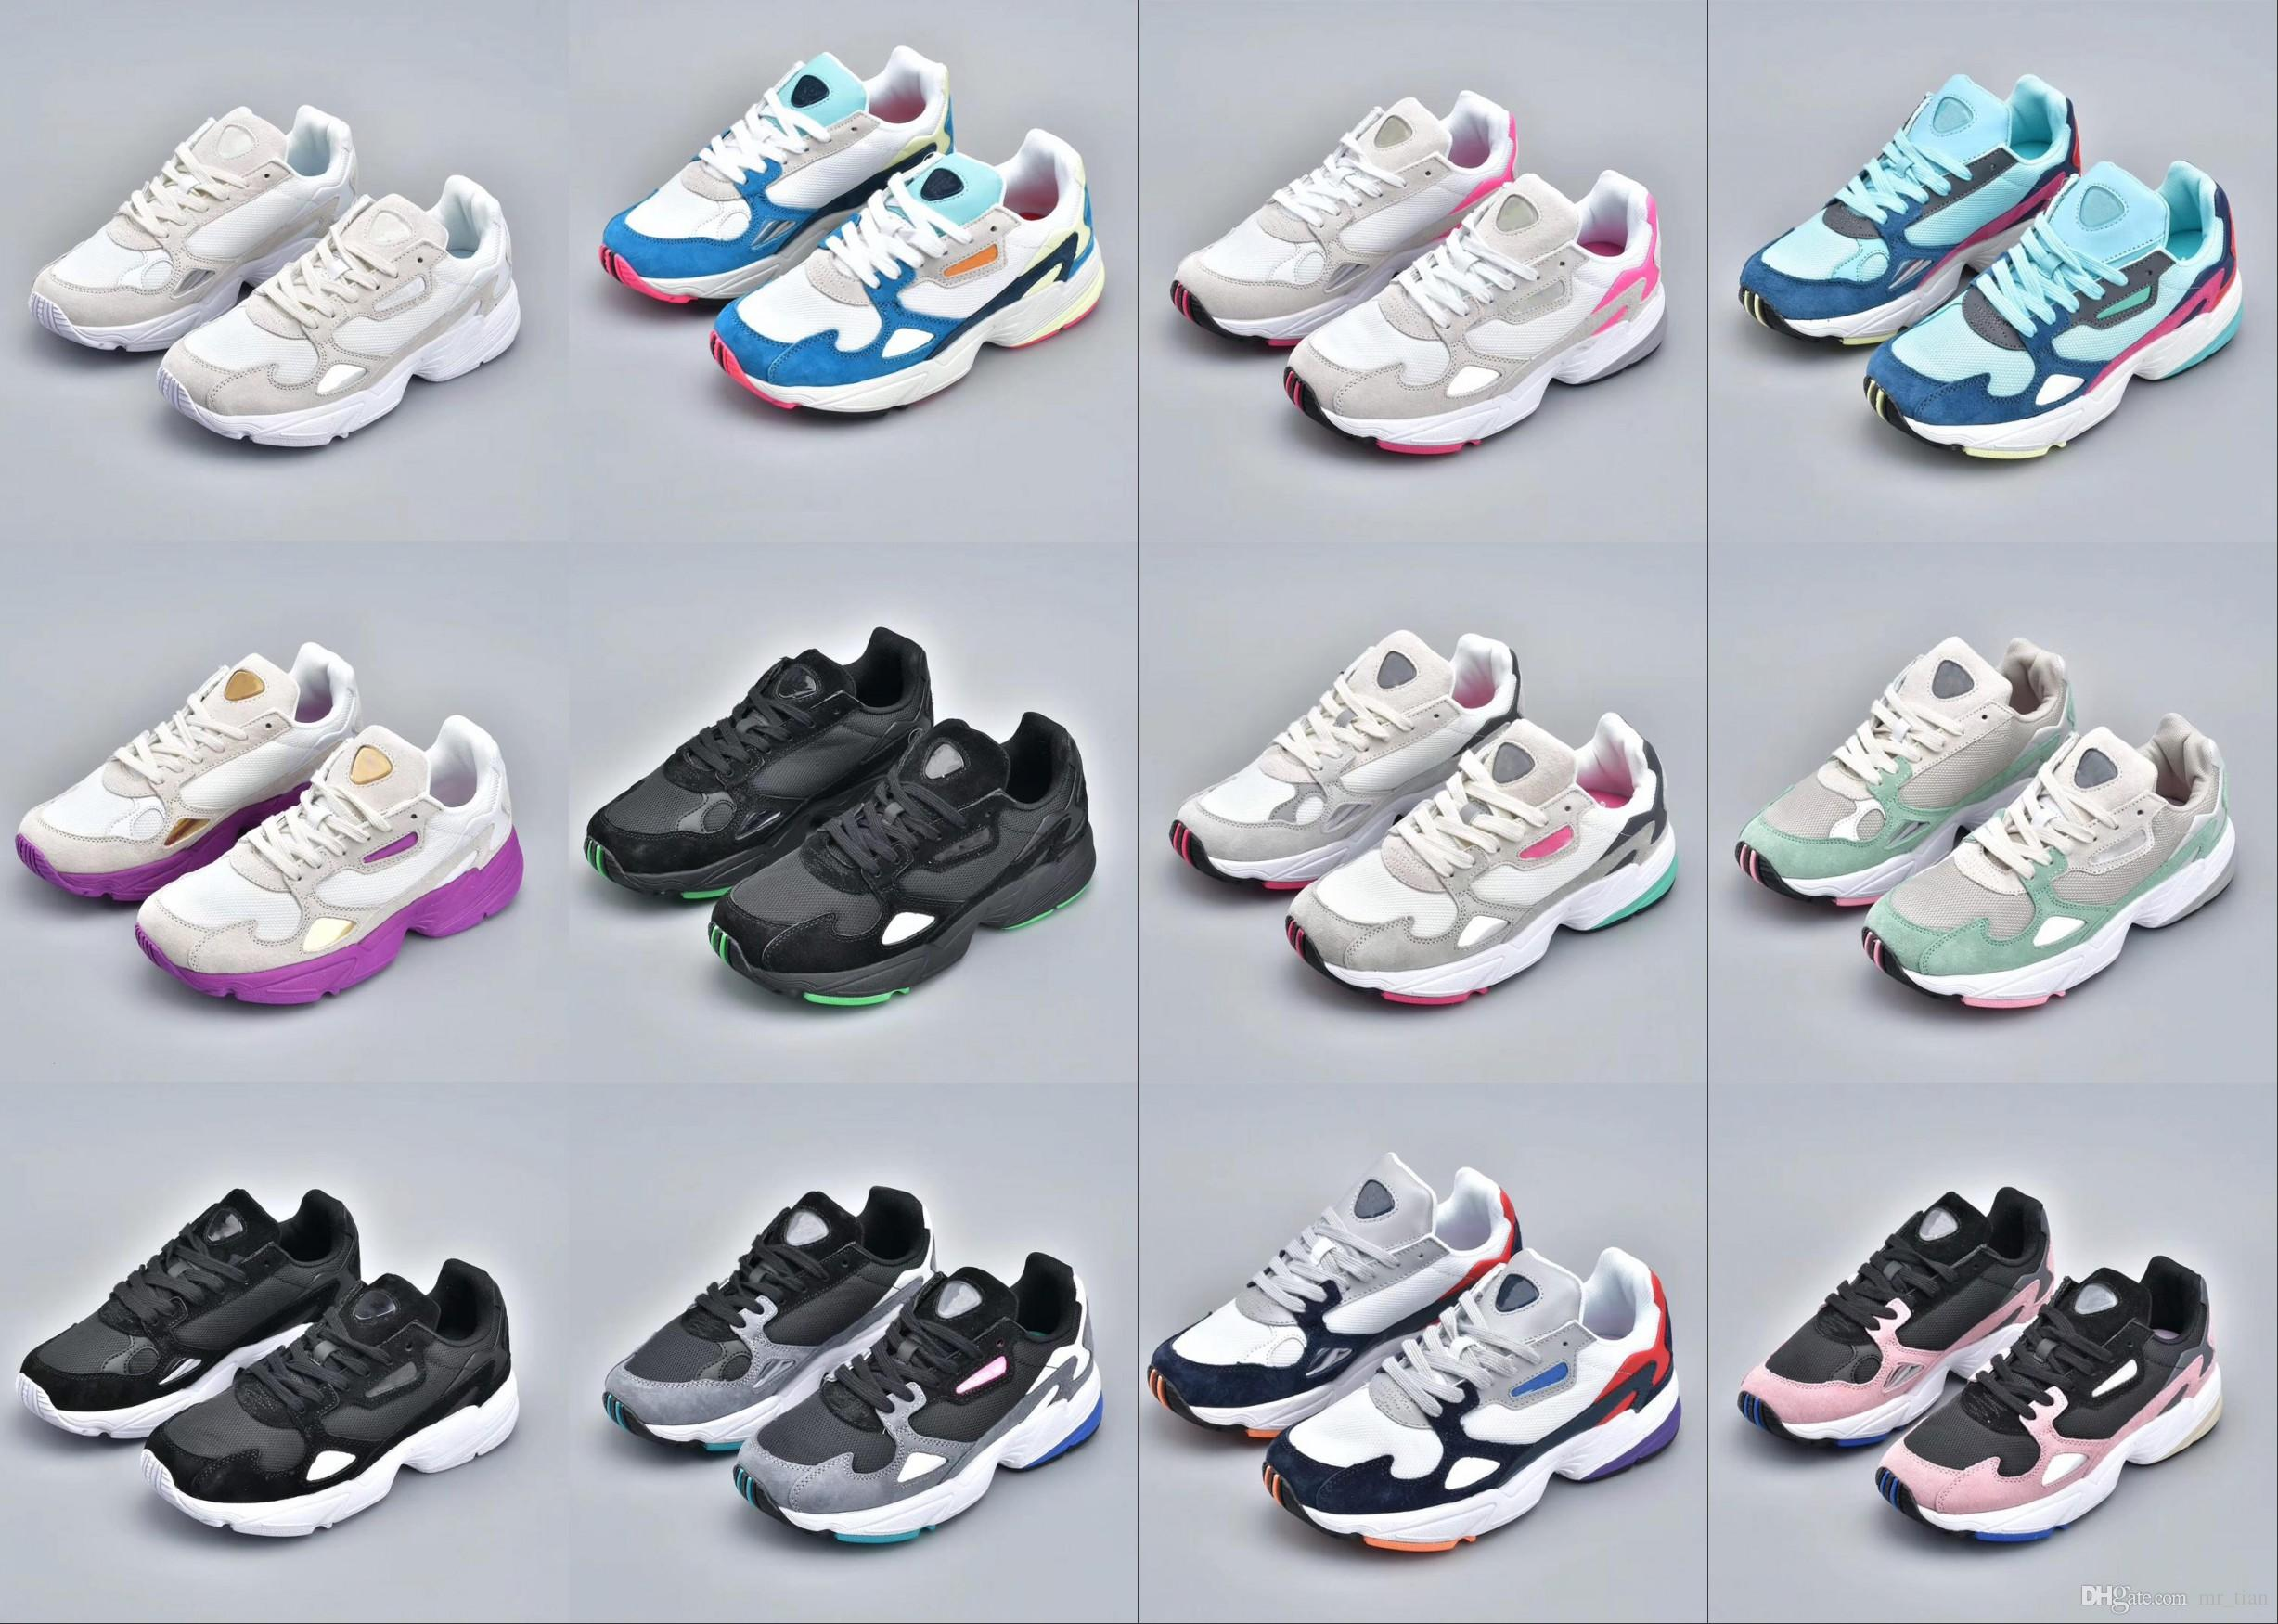 Adidas Falcon W running shoes 2019 NOVITÀ Scarpe sportive da uomo e da donna FALCON W di alta qualità a basso prezzo, scarpe casual sportive moda eur